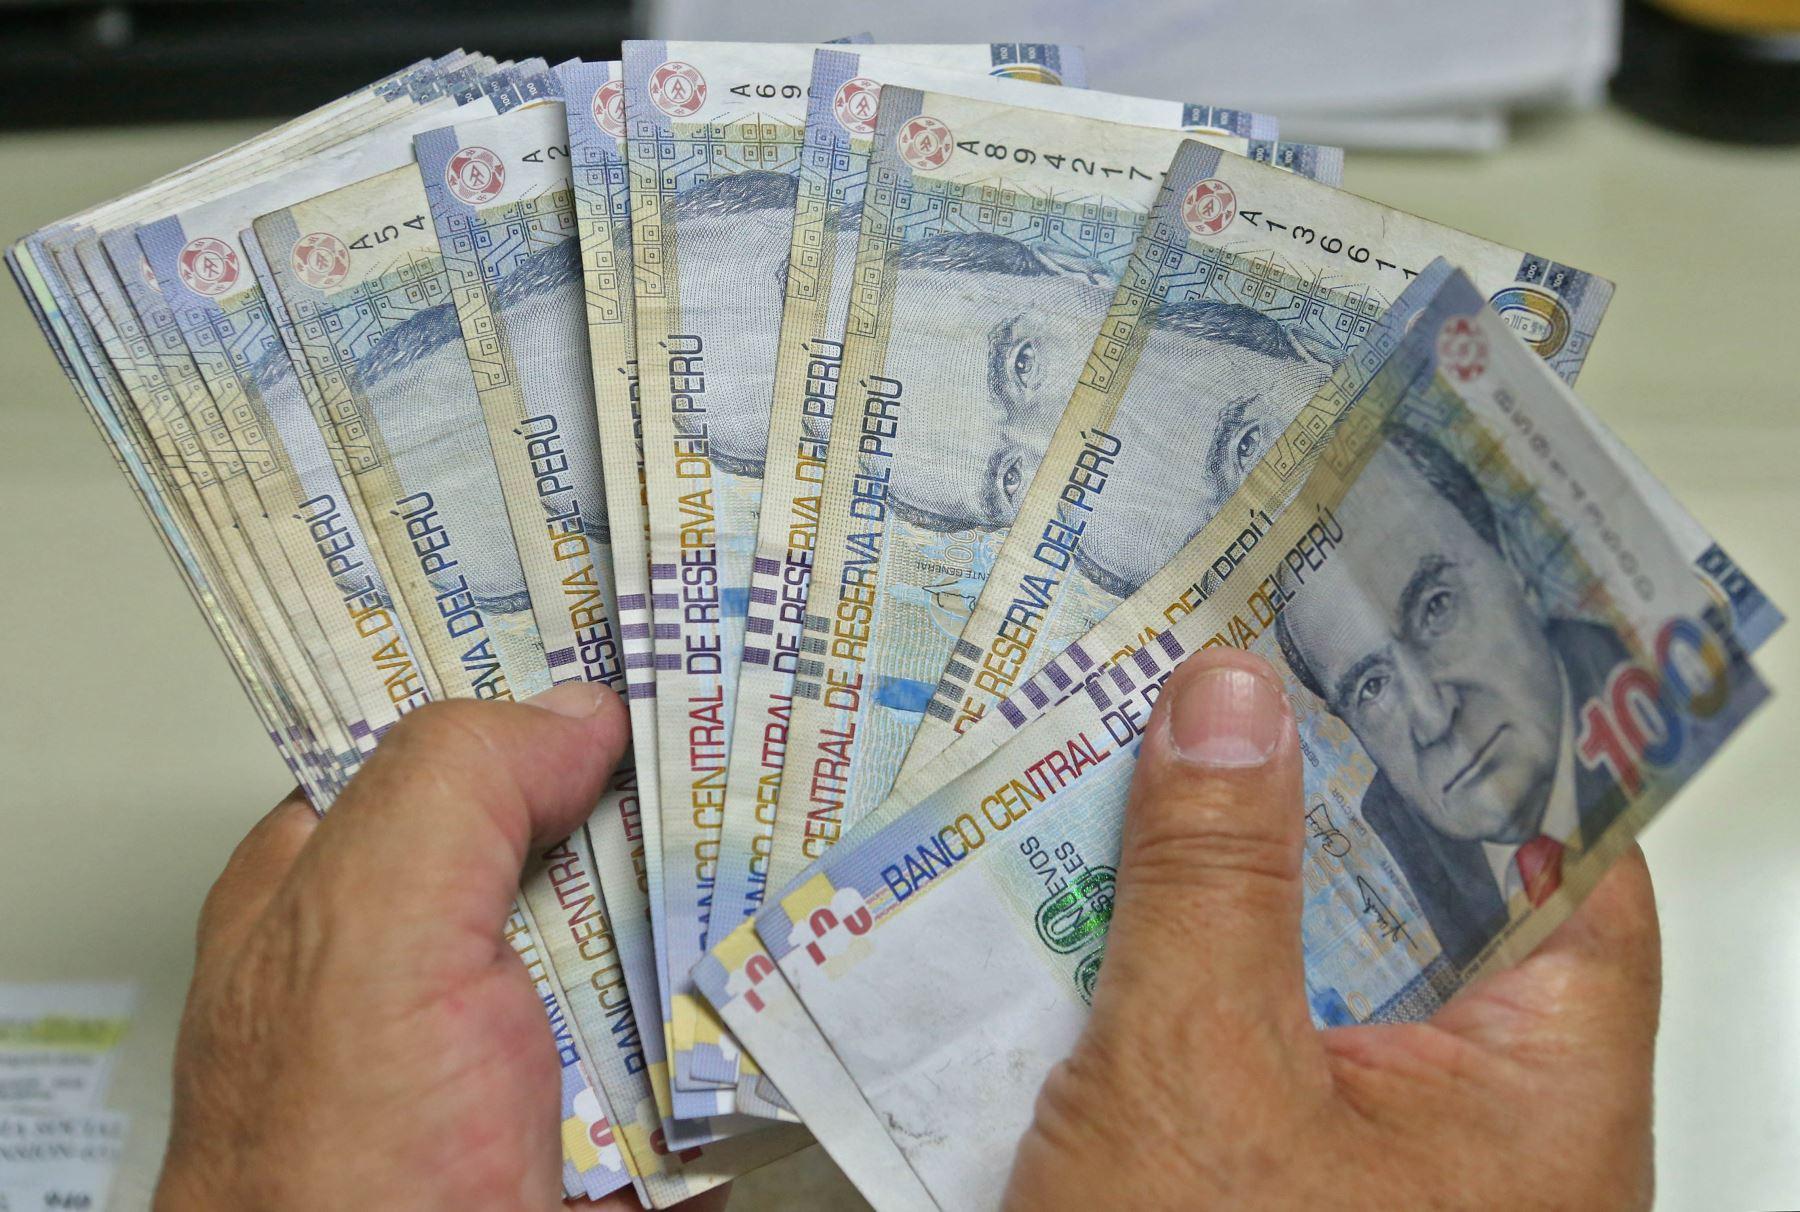 sueldo-minimo-gobierno-ratifico-intencion-de-aumentarlo-a-fines-de-marzo